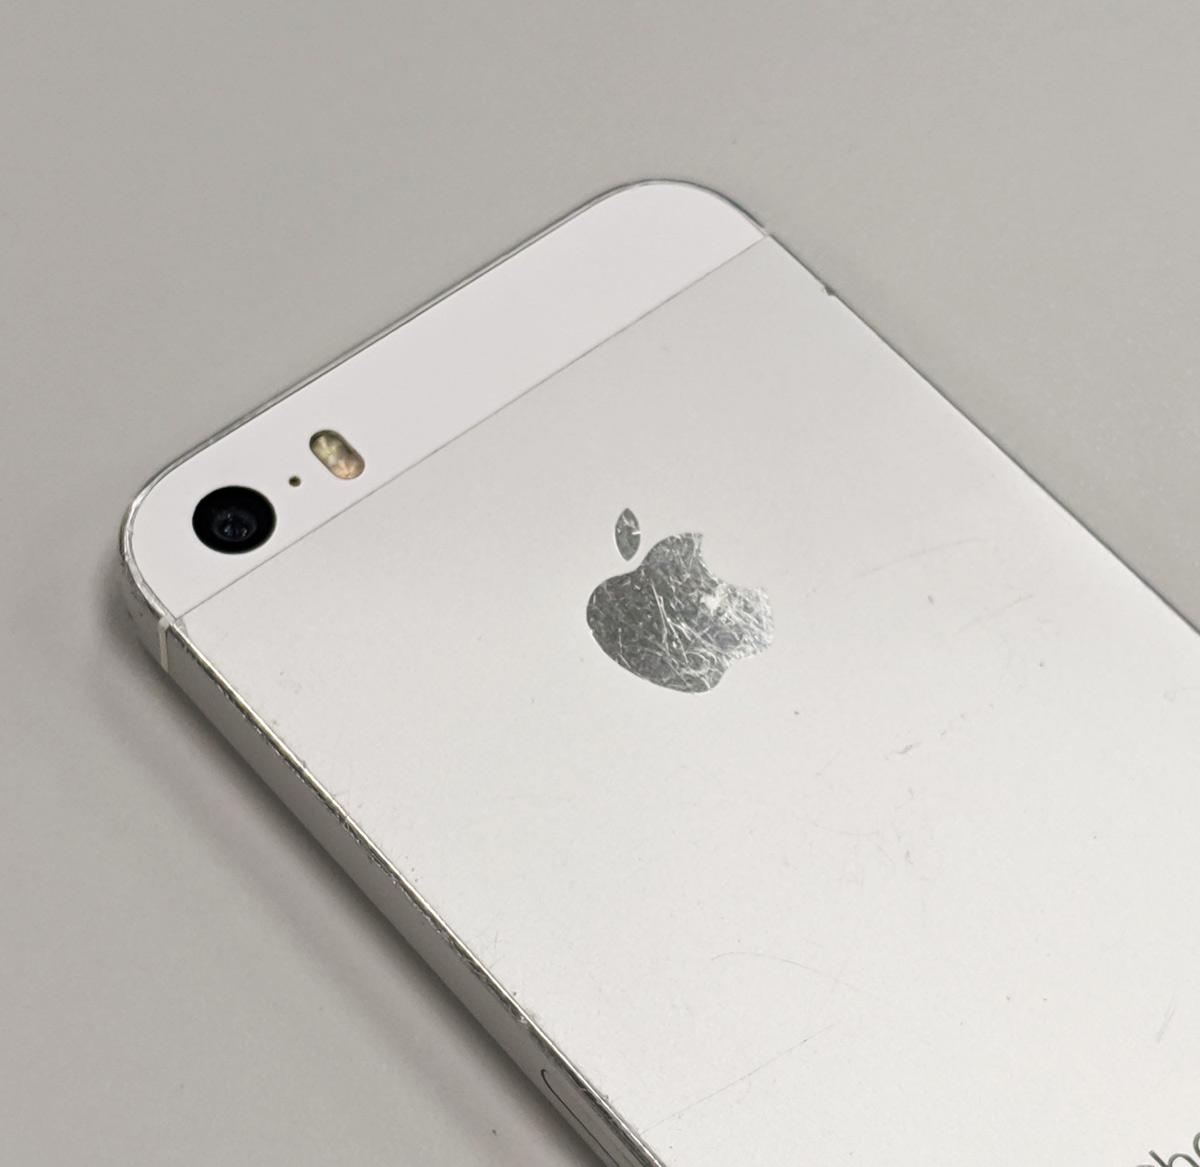 アプデを忘れずに! iPhone 5でiCloudやブラウザーが使えなくなる可能性